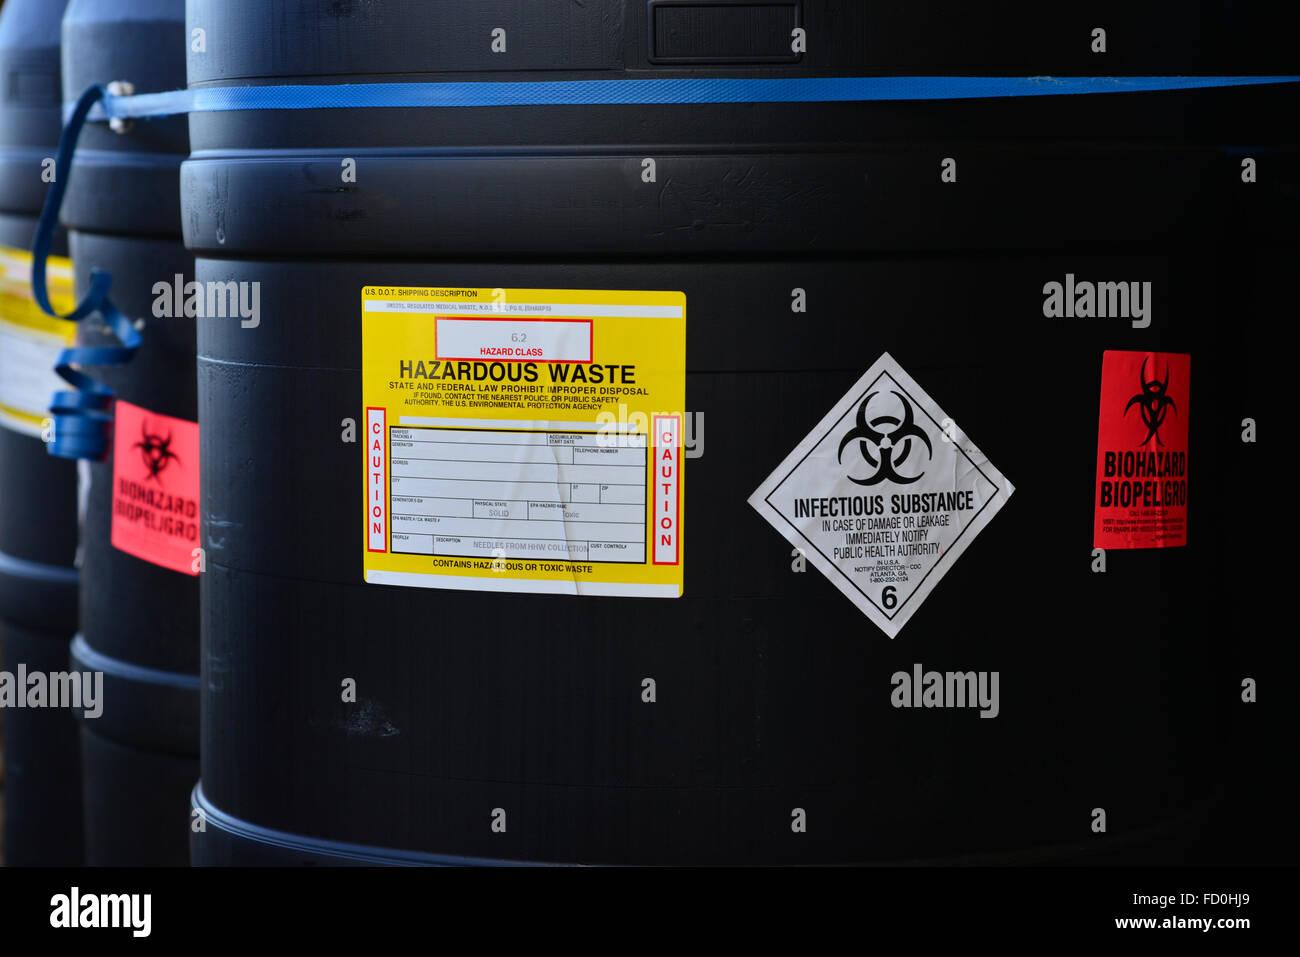 Hazardous waste - Stock Image